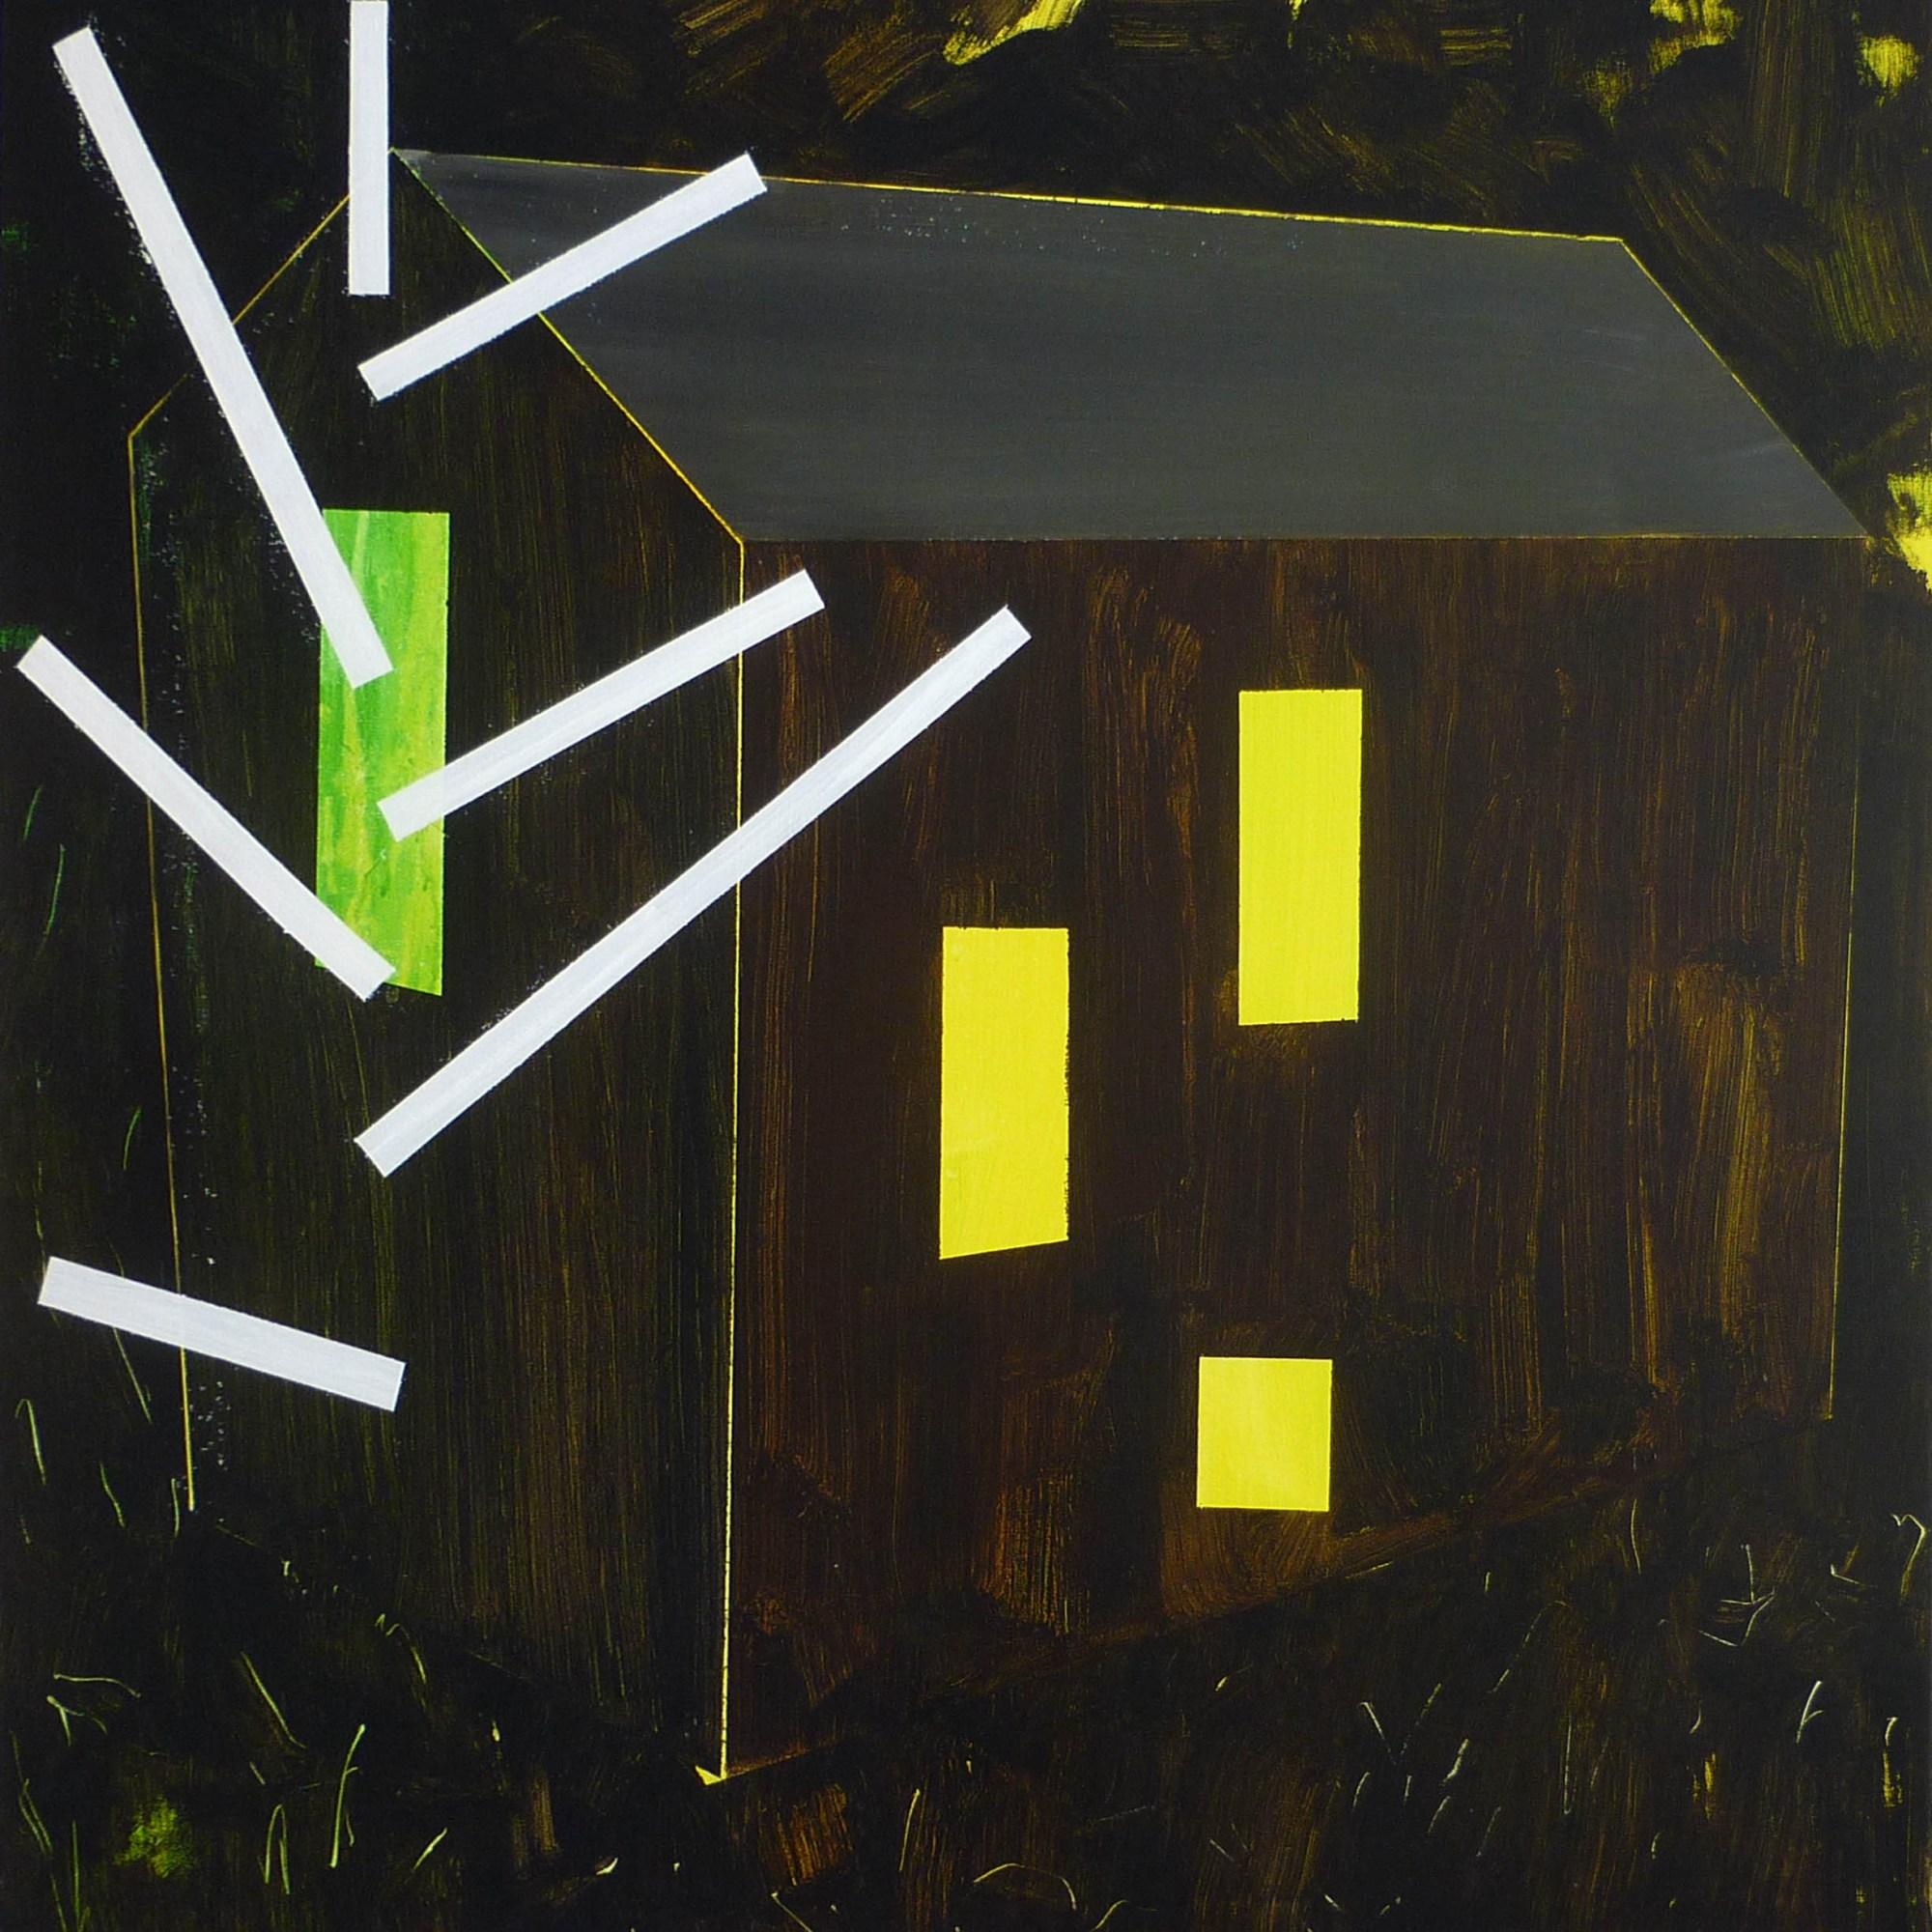 hájovna 1 / Gamekeeper's house 1, 95x100 cm, akryl na plátně / acrylic on canvas, 2014